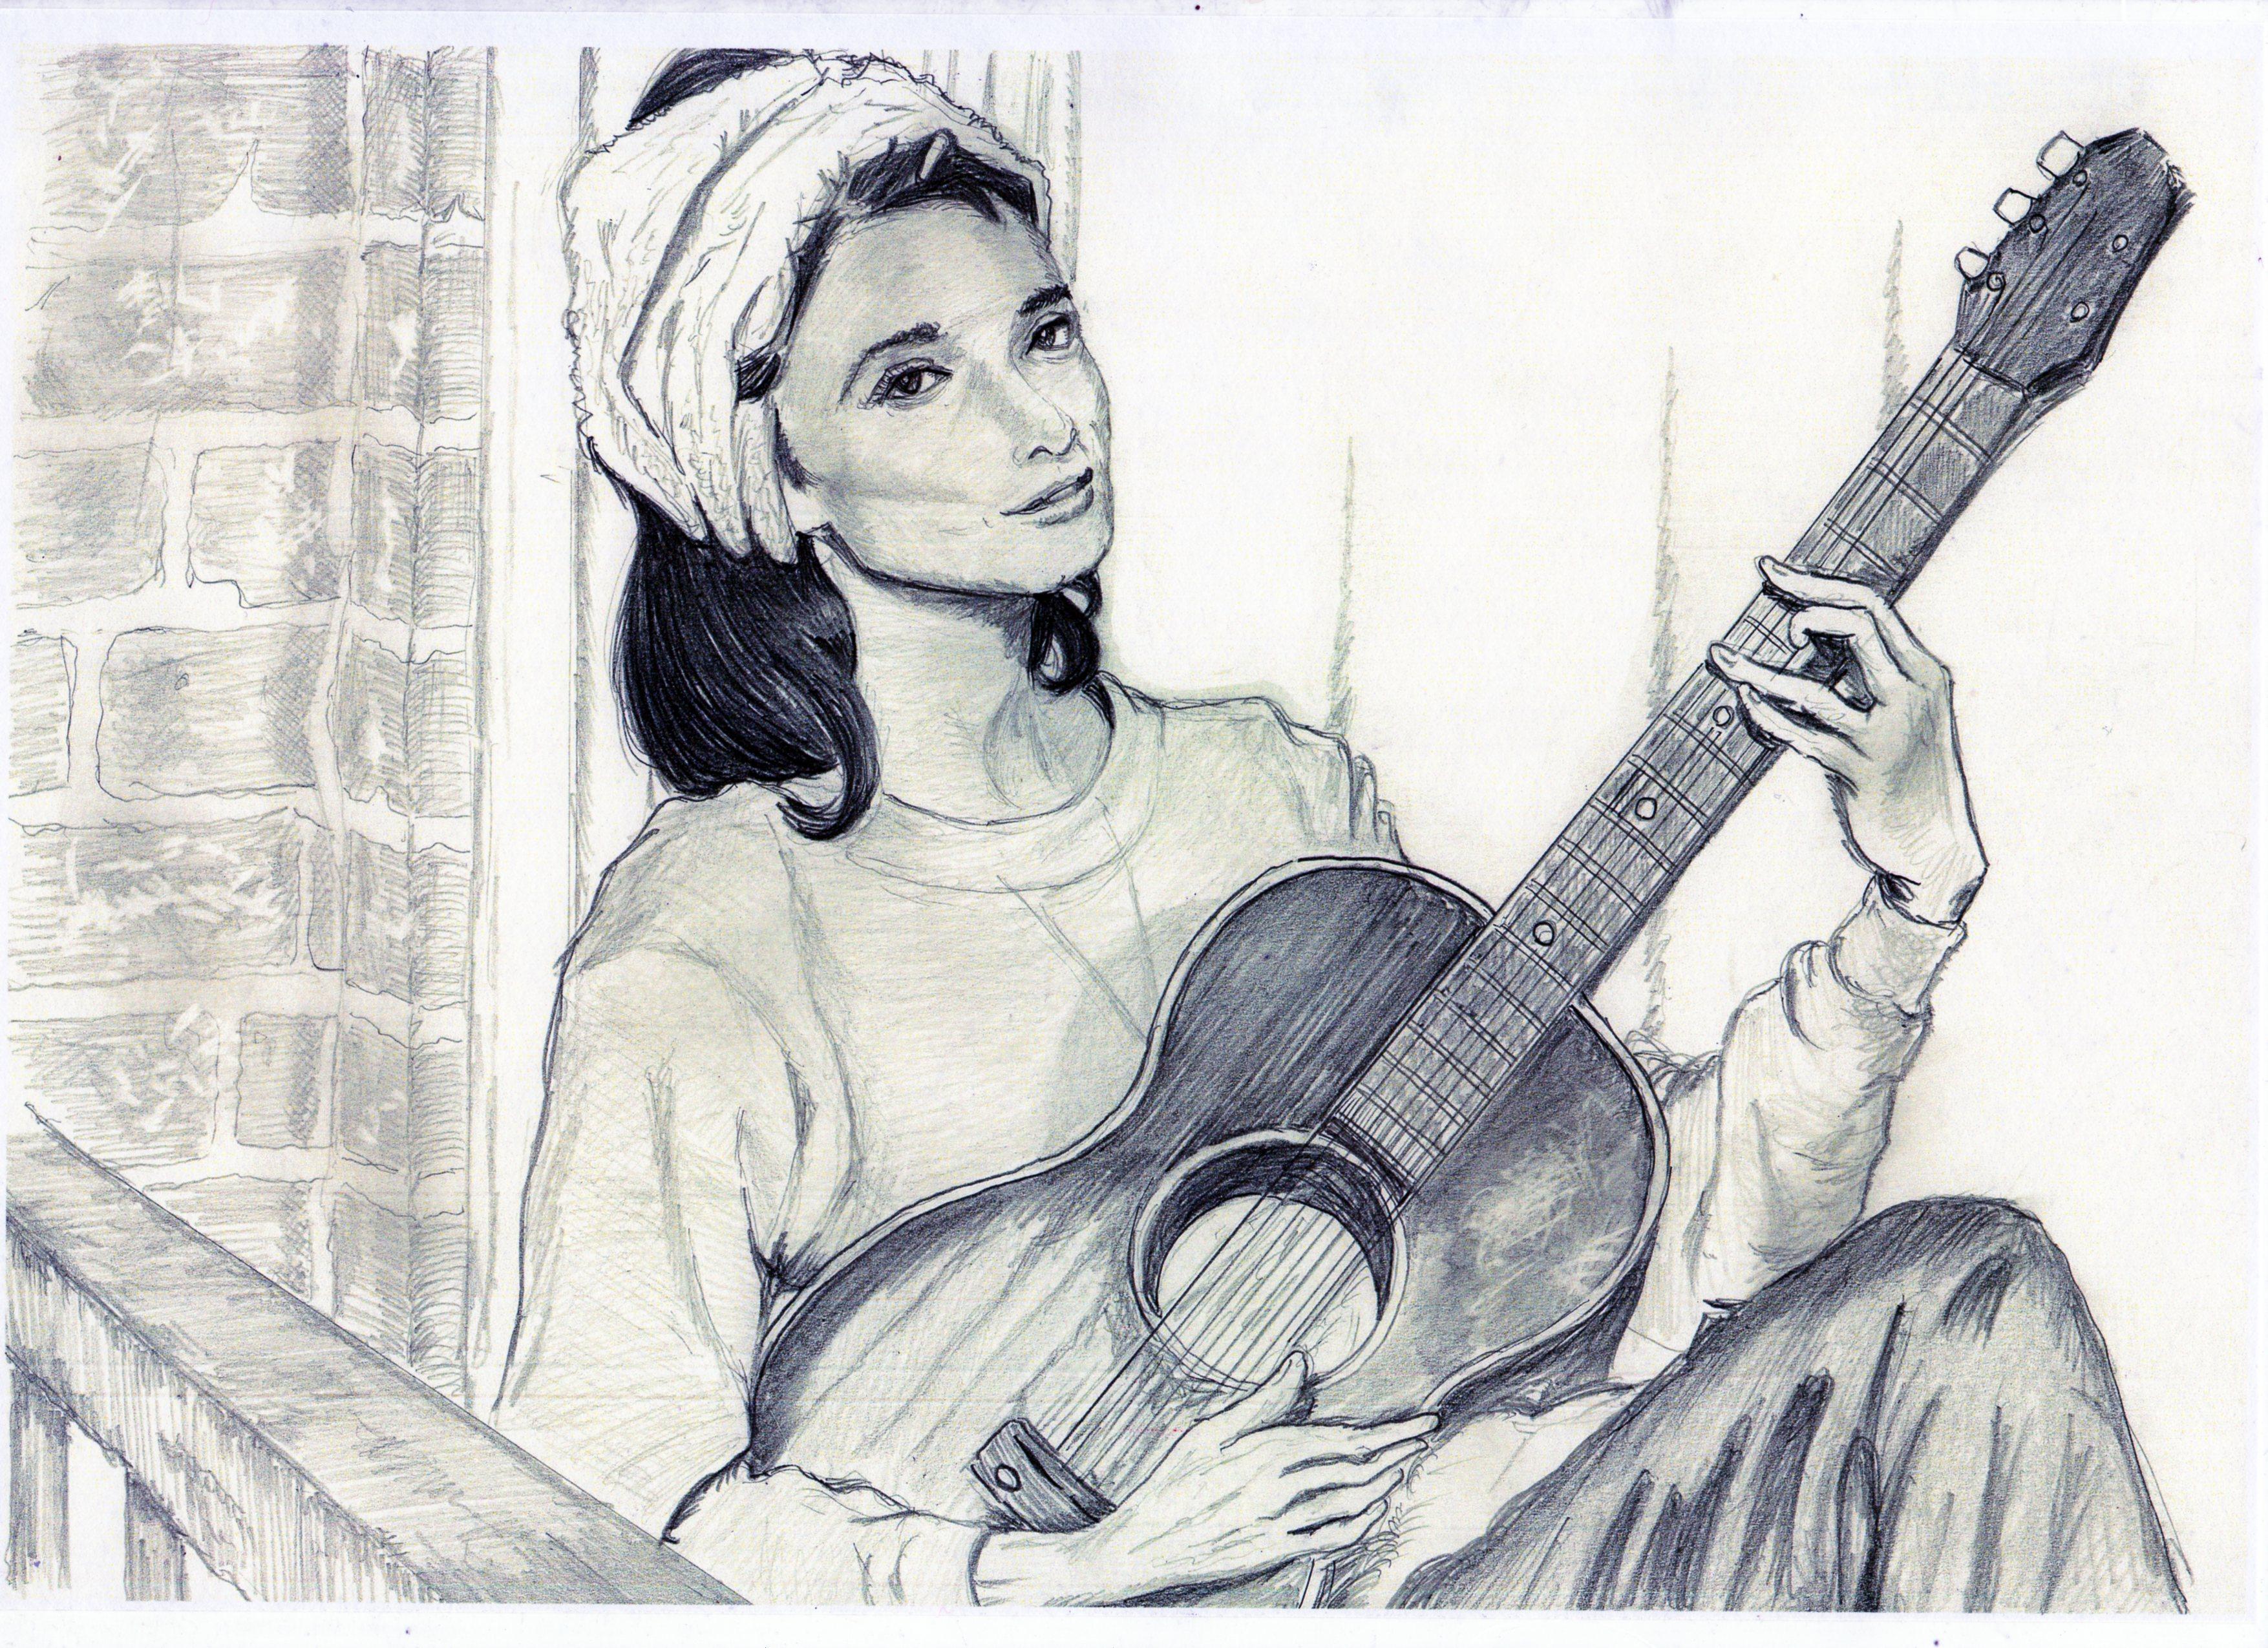 オードリー・ヘップバーンMoon River鉛筆画似顔絵、オードリー・ヘップバーンMoon Riverリアル鉛筆画似顔絵